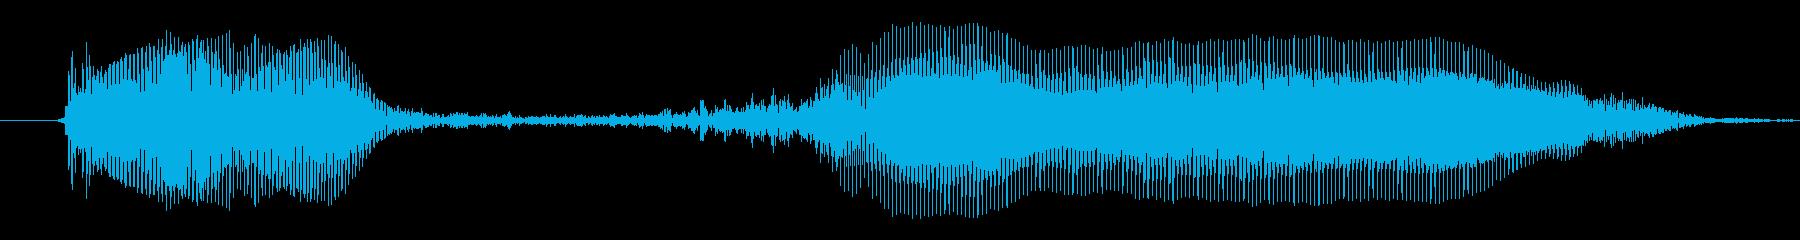 おっはー♪の再生済みの波形